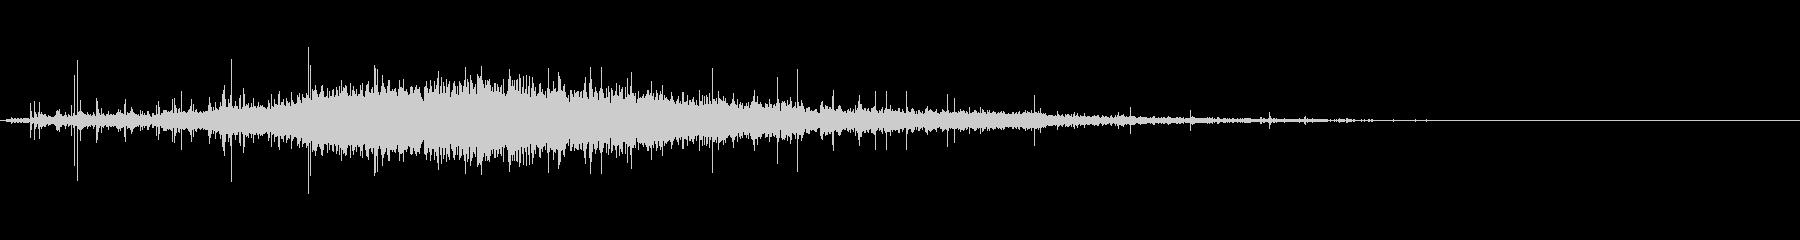 歓声2 (パチパチ…ワオッ!パチパチパ…の未再生の波形